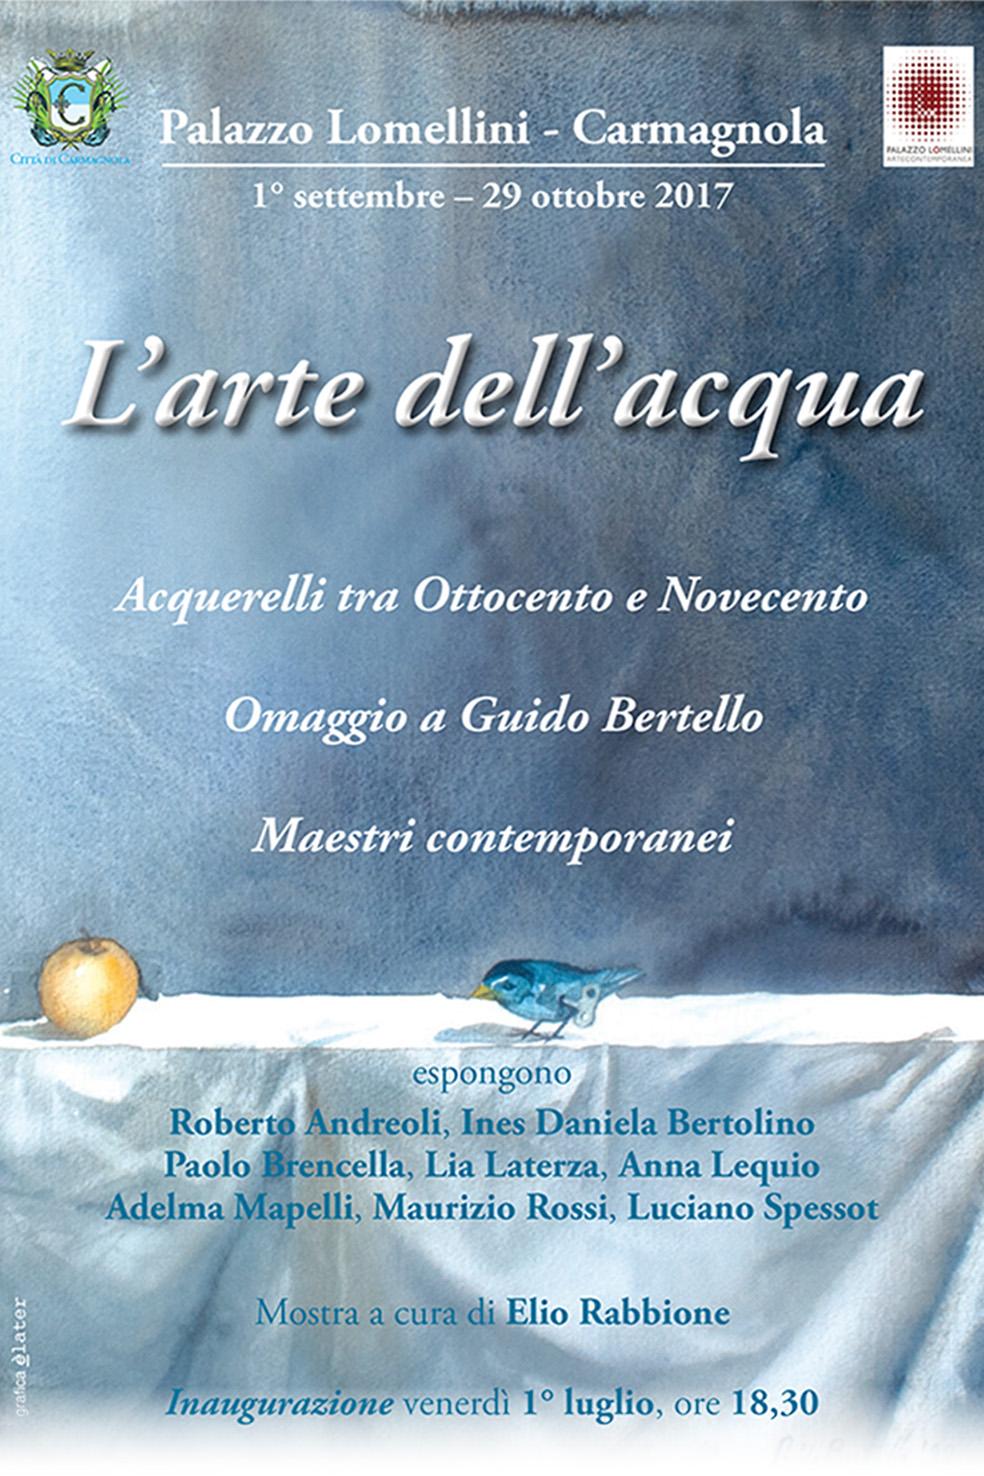 'L'arte dell'acqua', Palazzo Lomellini - Carmagnola - 01/09-29/10/2017 © Palazzo Lomellini / Comune di Carmagnola / Elater